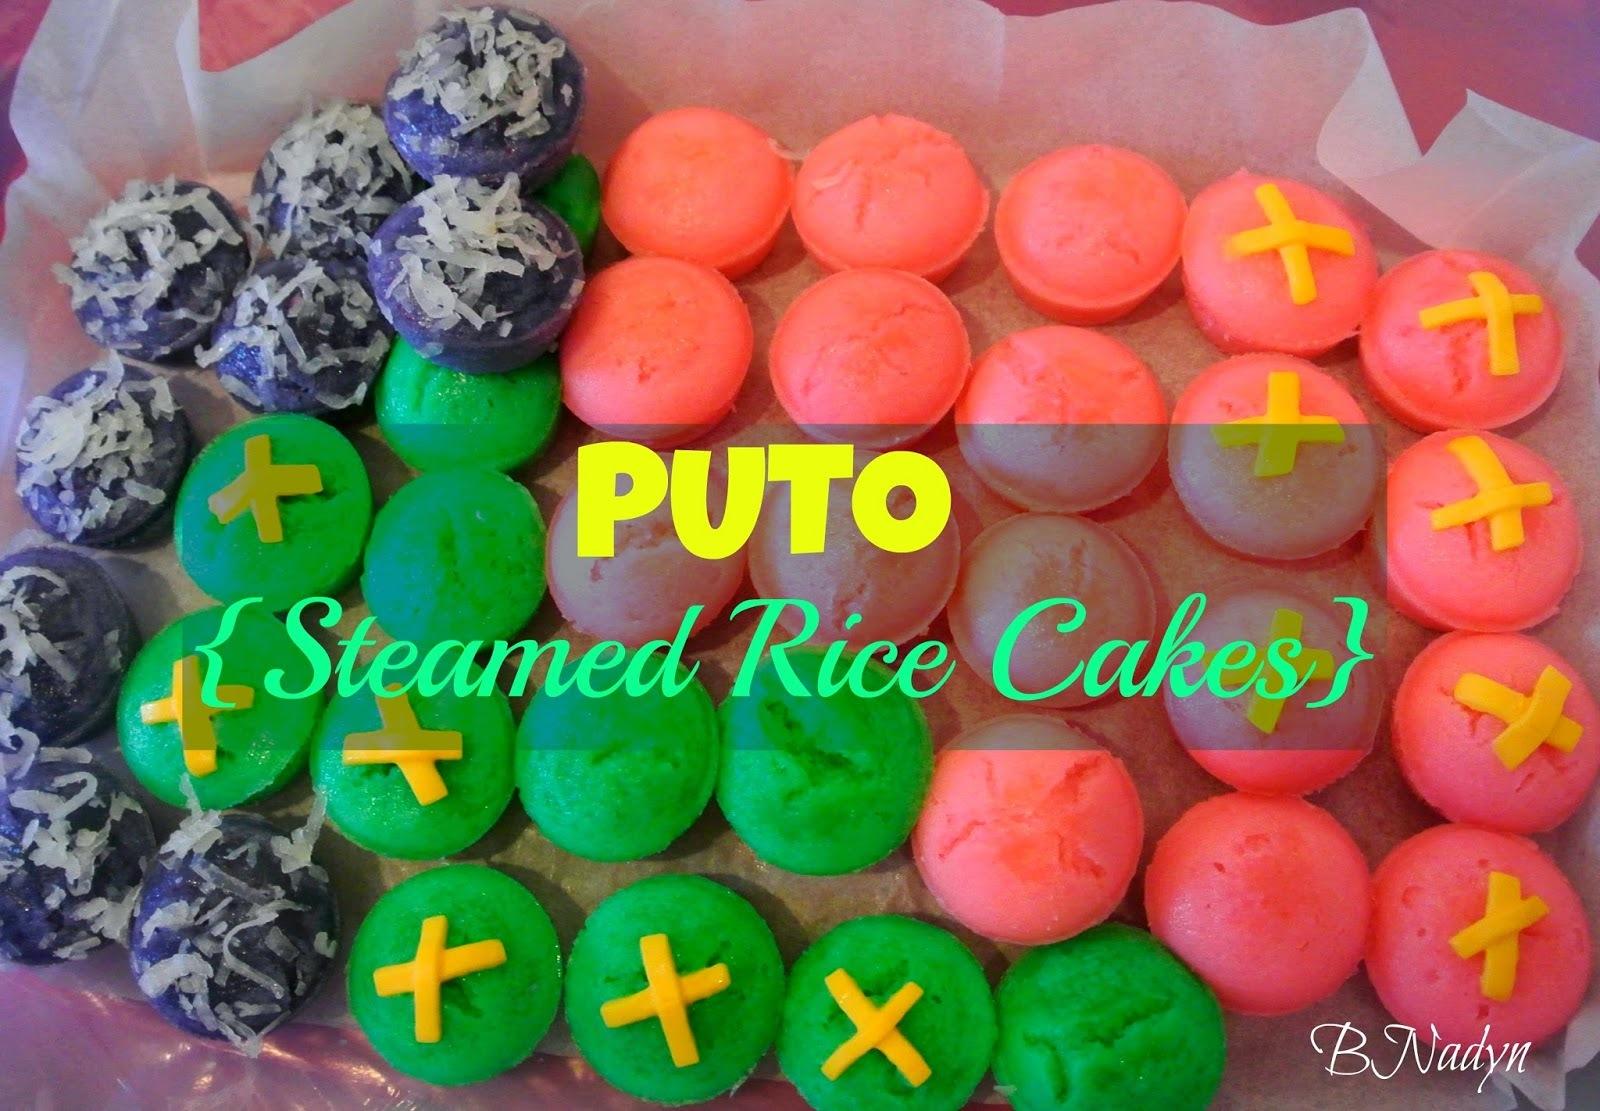 Filipino Puto (Steamed Rice Cakes)